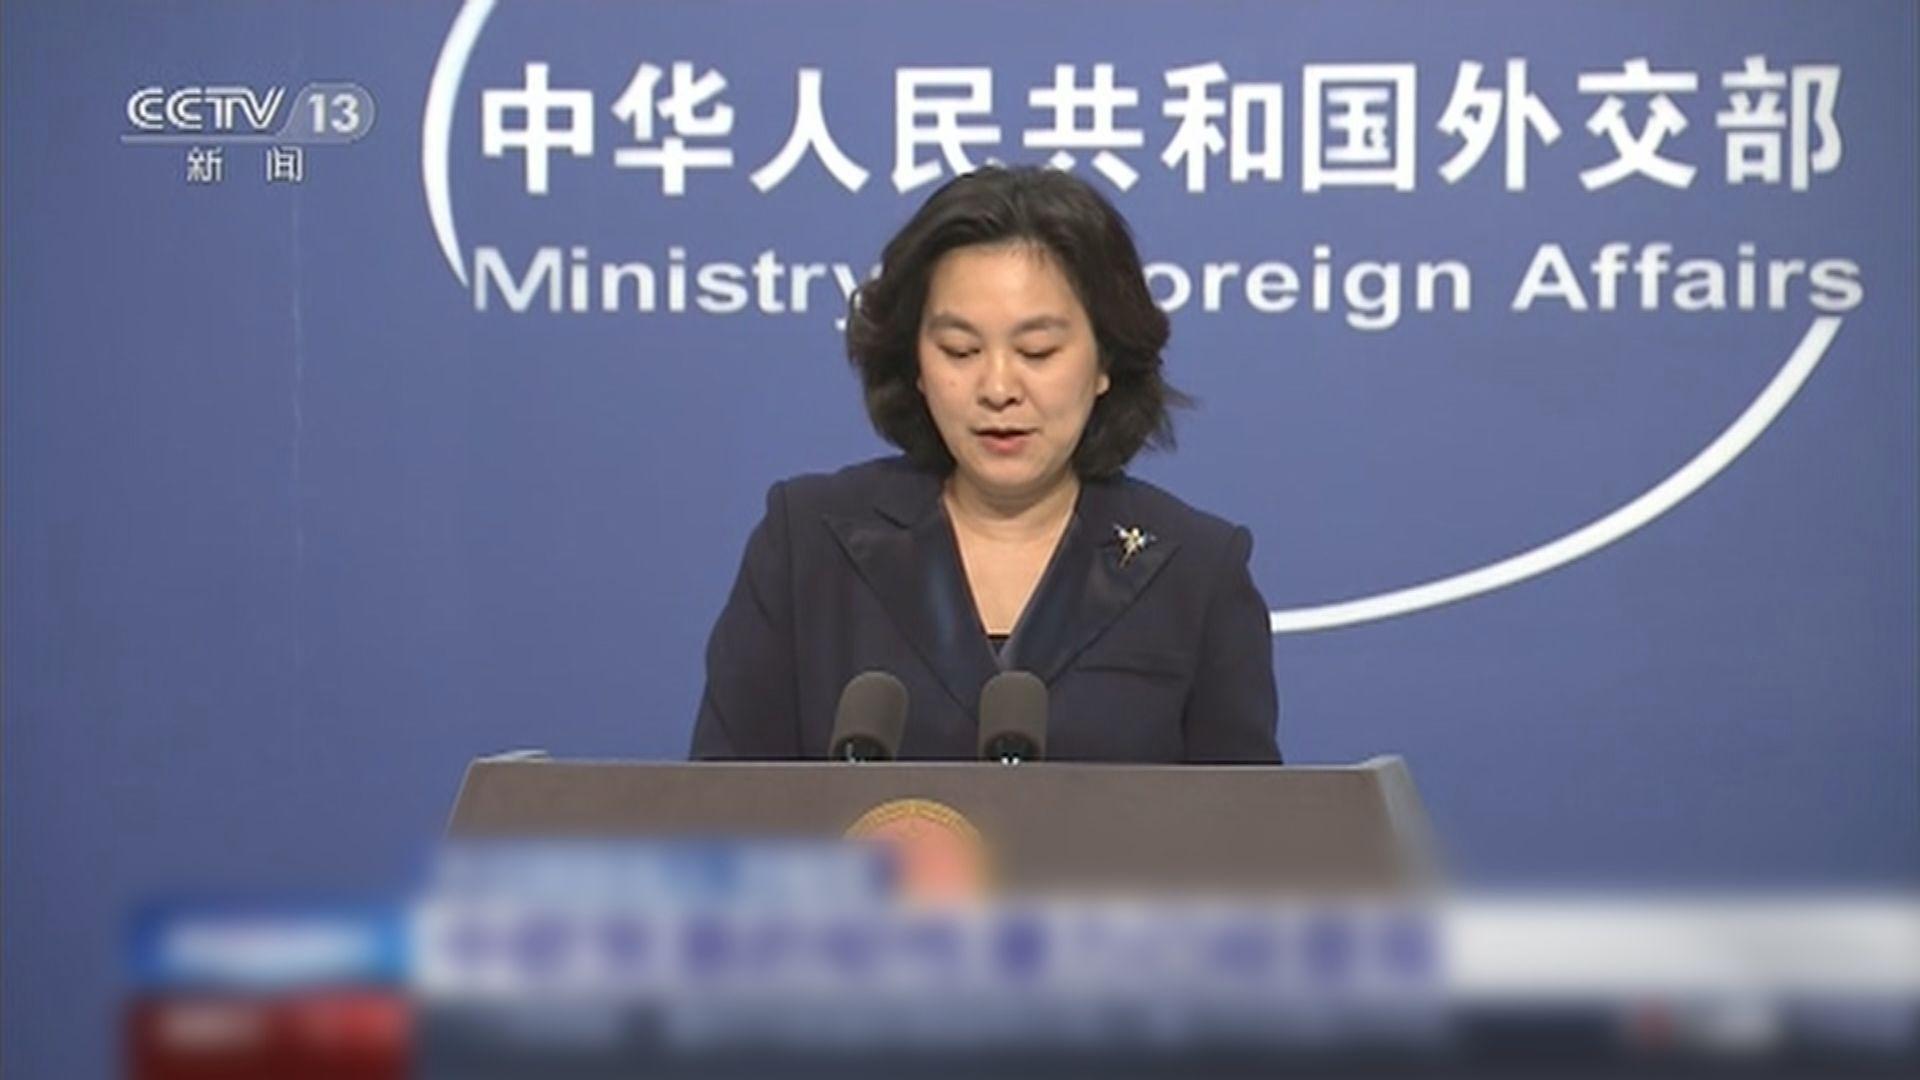 美國家情報總監指中國是全球民主自由最大威脅 中方批抹黑